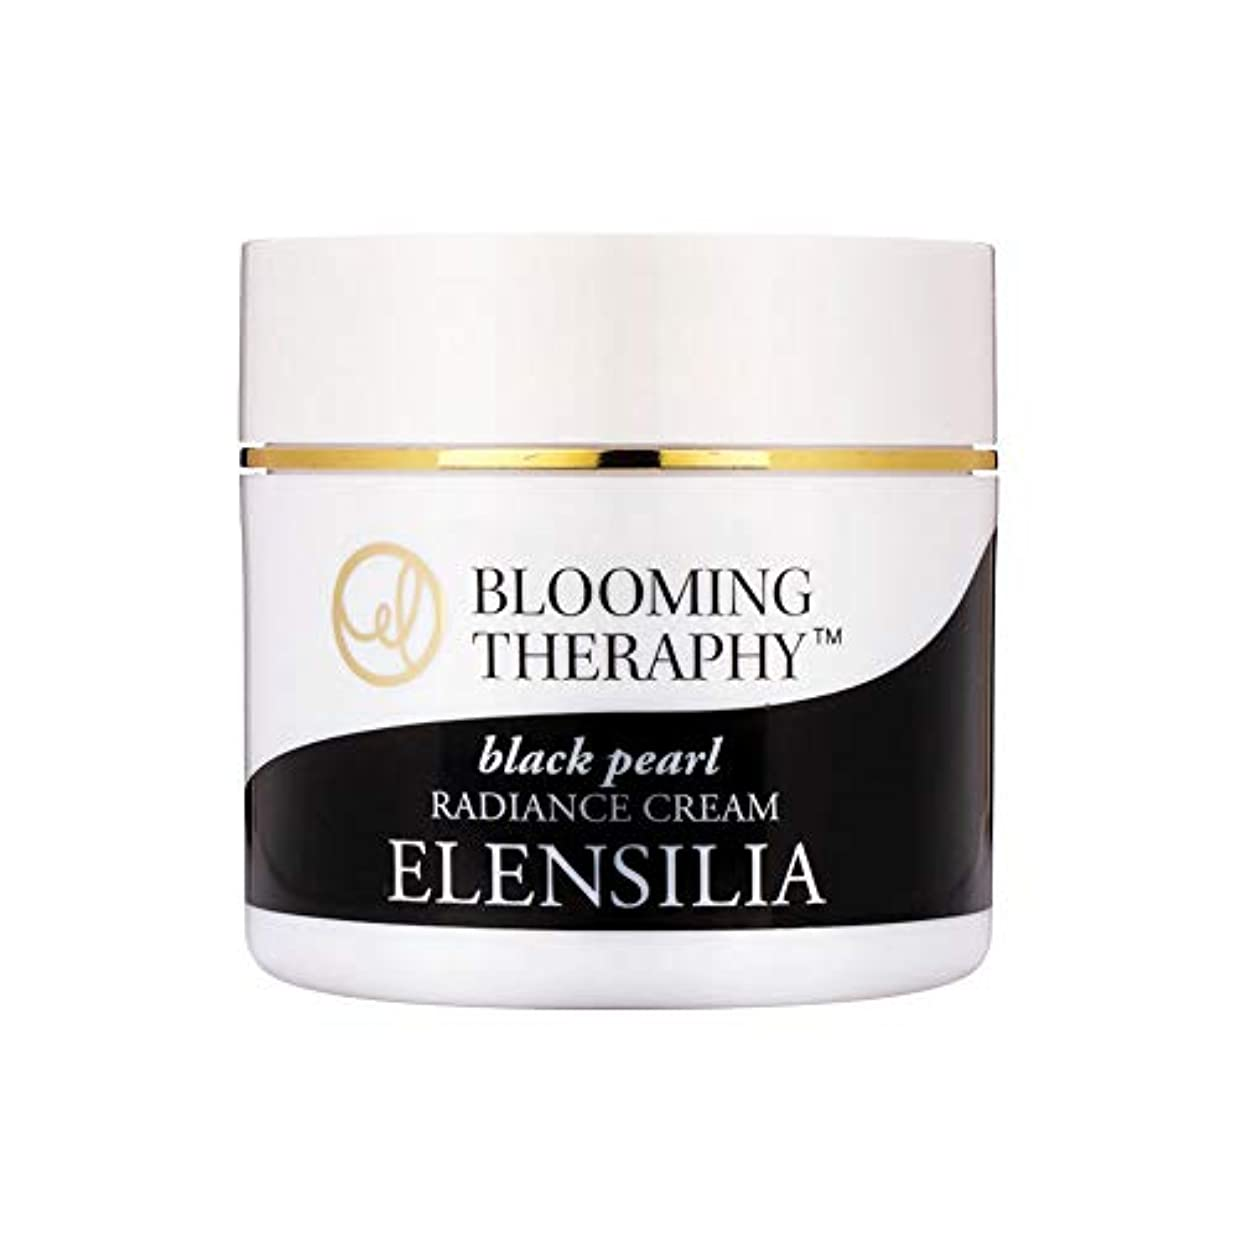 たっぷり彼女ペニーエルレンシルラElensilia 韓国コスメ ブルーミングセラピー黒真珠ラディアンスクリーム50g 海外直送品 Blooming Theraphy Black Pearl Radiance Cream [並行輸入品]